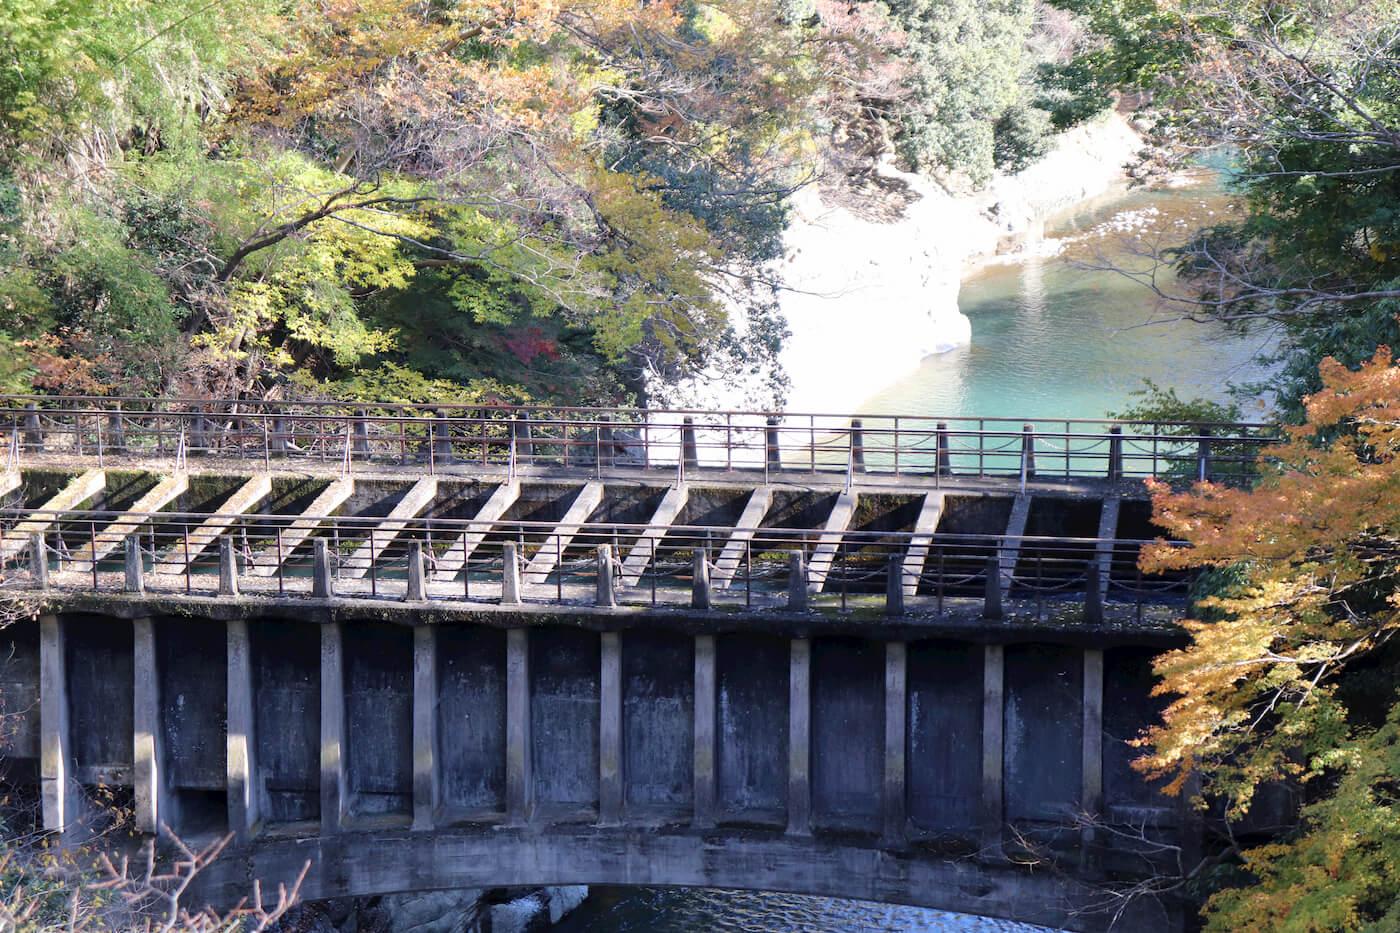 猿橋から見える八ツ沢発電所一号水路橋